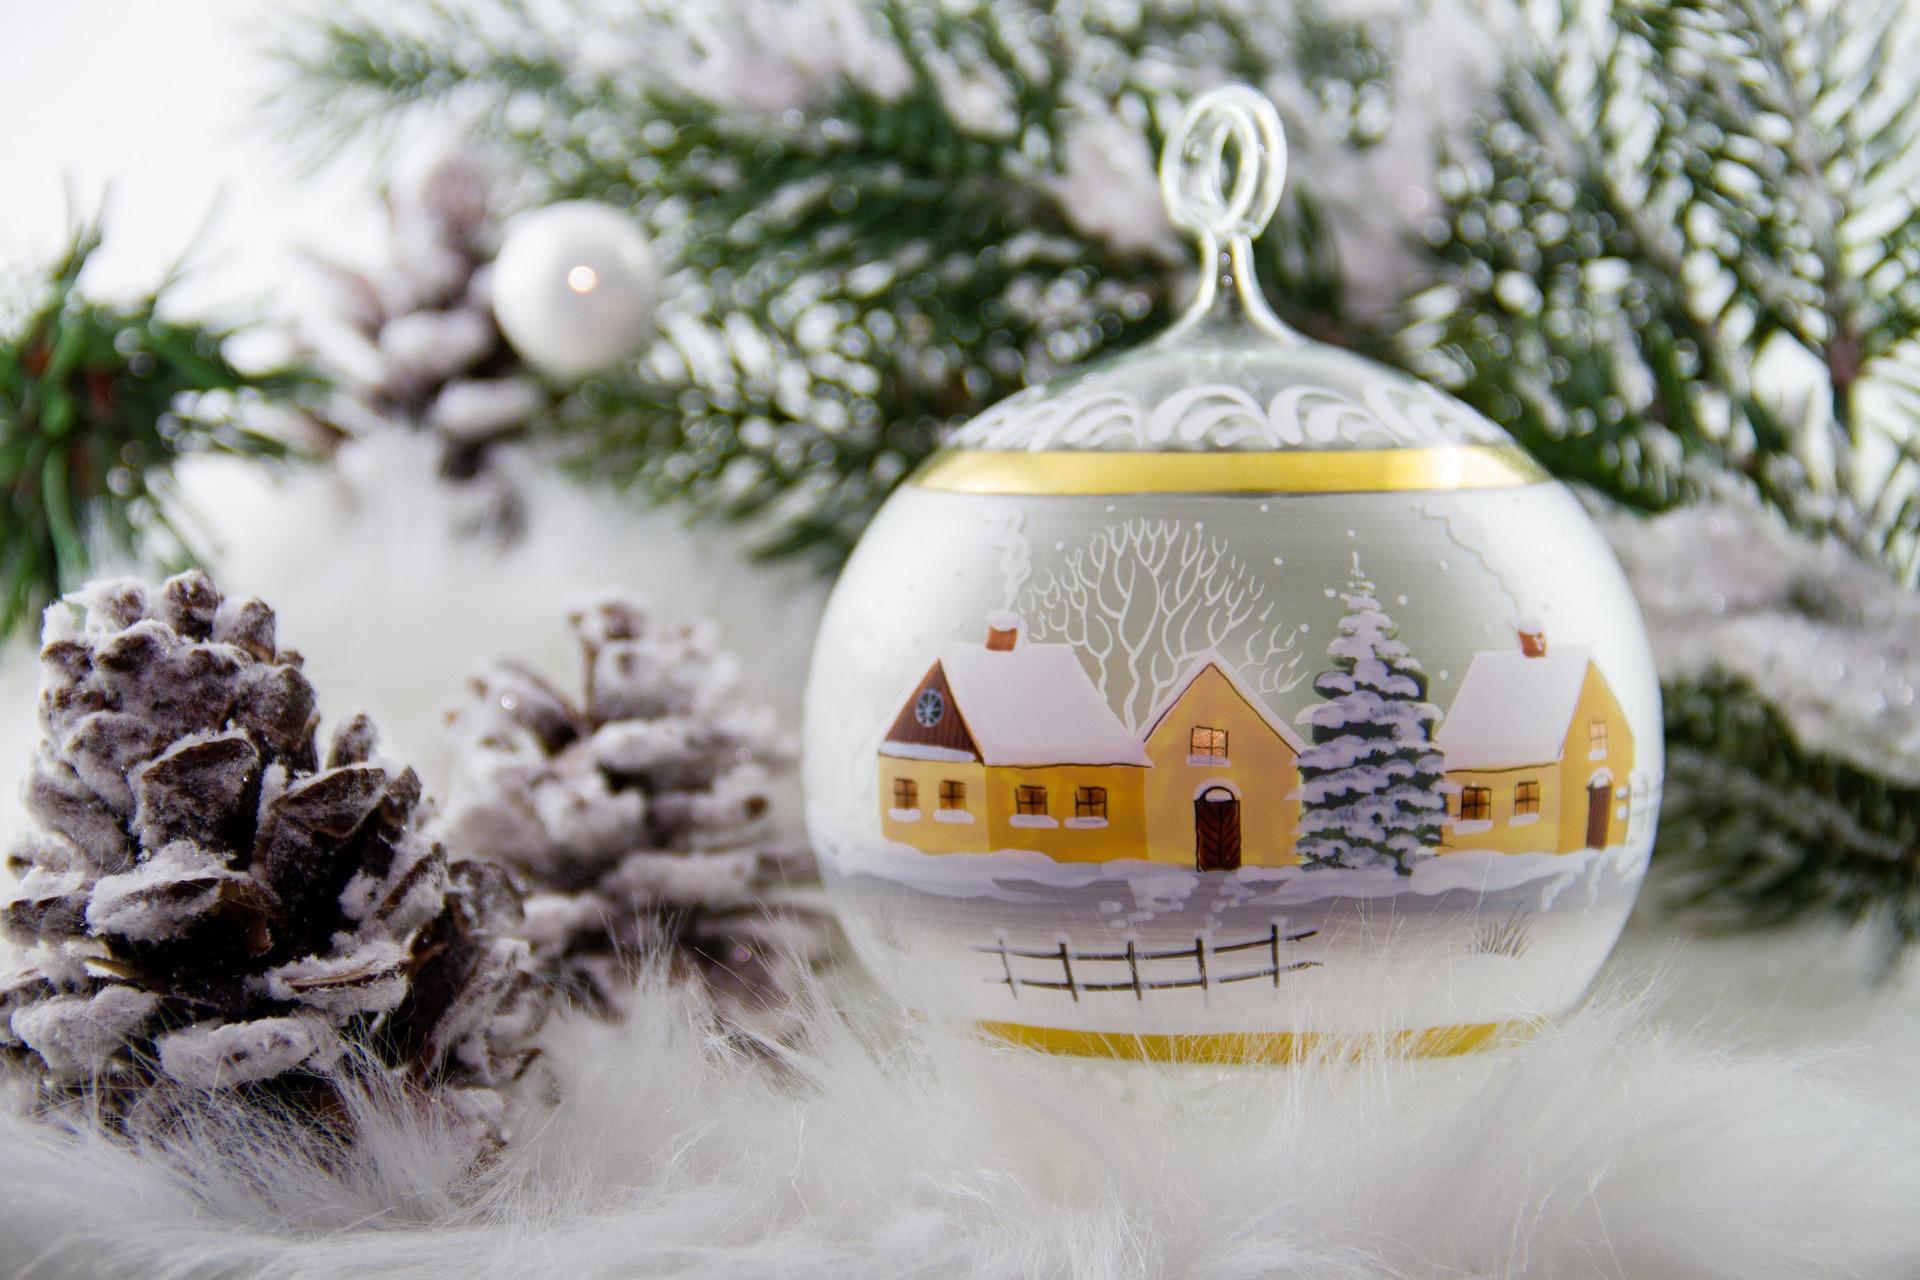 <p>Świąteczna dekoracja była i jest źródłem radości, przynosi satysfakcję gospodyni, jest wyrazem jej staranności i umiejętności. Liczni w okresie świątecznym goście mogą ocenić zalety gospodyni, podziwiając piękne wnętrze. Ona sama czuje się dumna, widząc swój dom piękniejszy niż inne - tak pisała pani Ogrodowska w książce